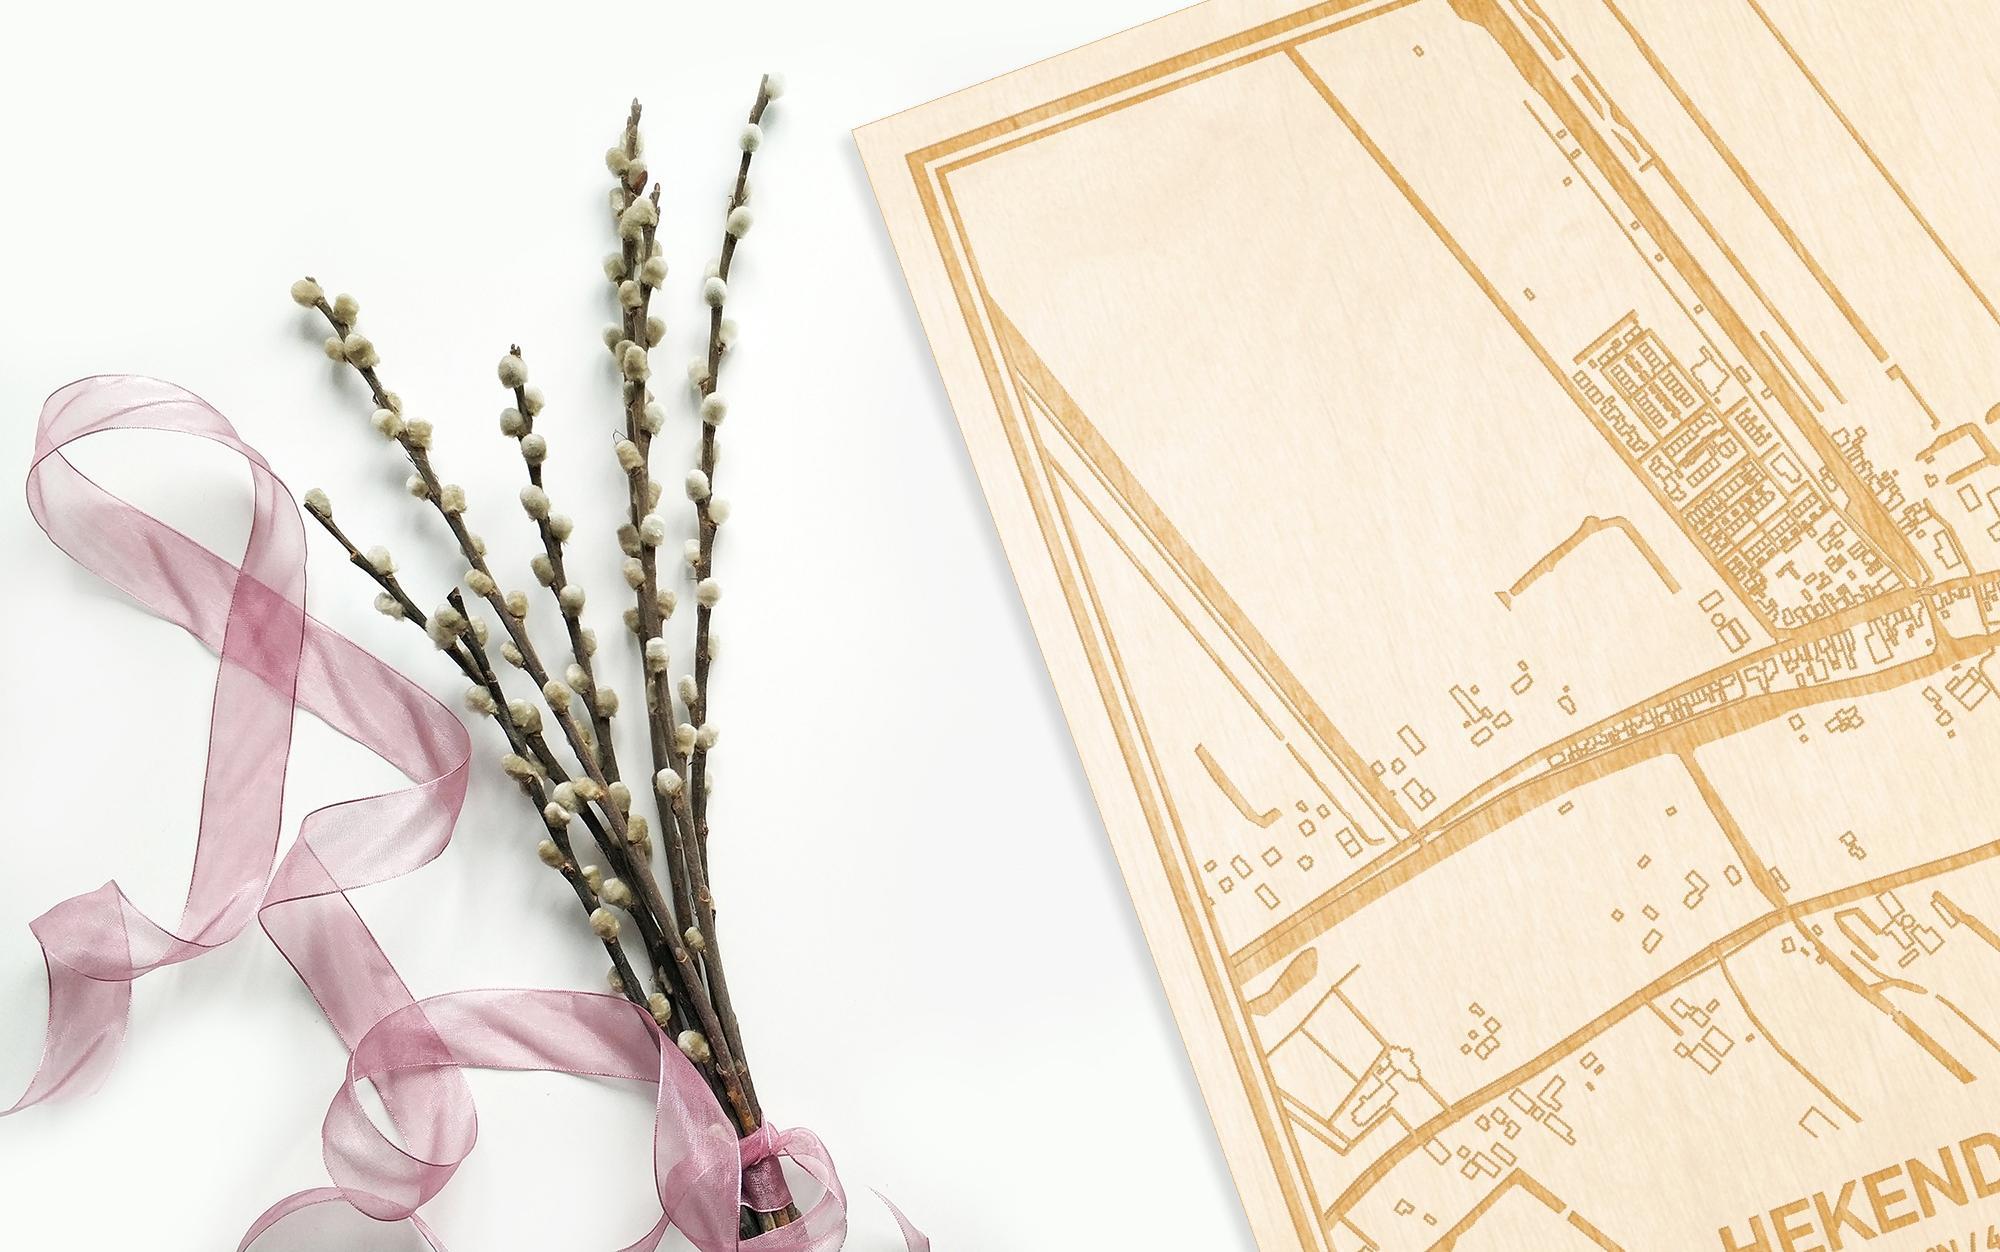 Hier ligt de houten plattegrond Hekendorp naast een bloemetje als gepersonaliseerd cadeau voor haar.